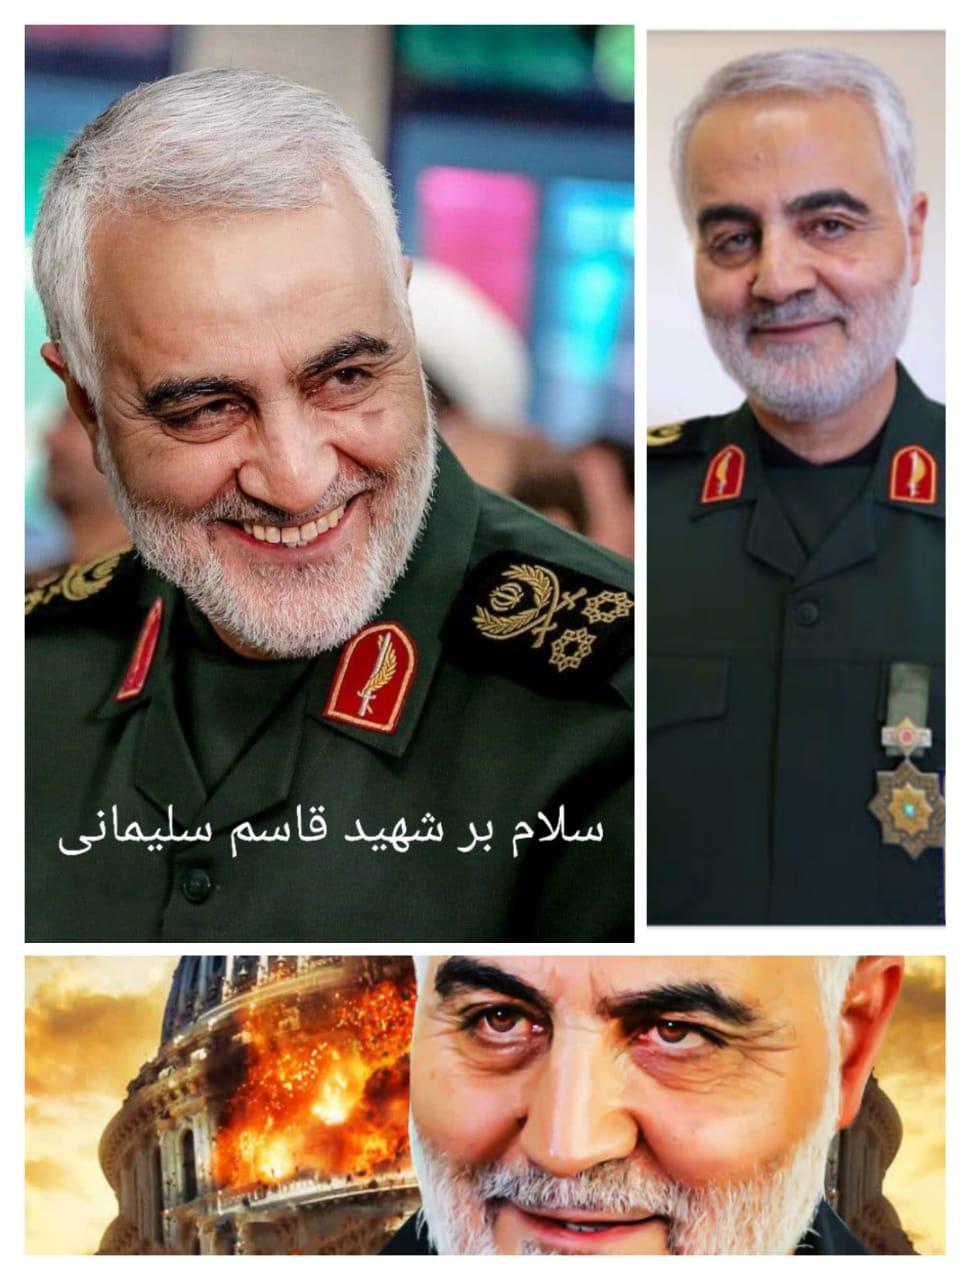 Qassem Soleimani – USA-Iran Tensions